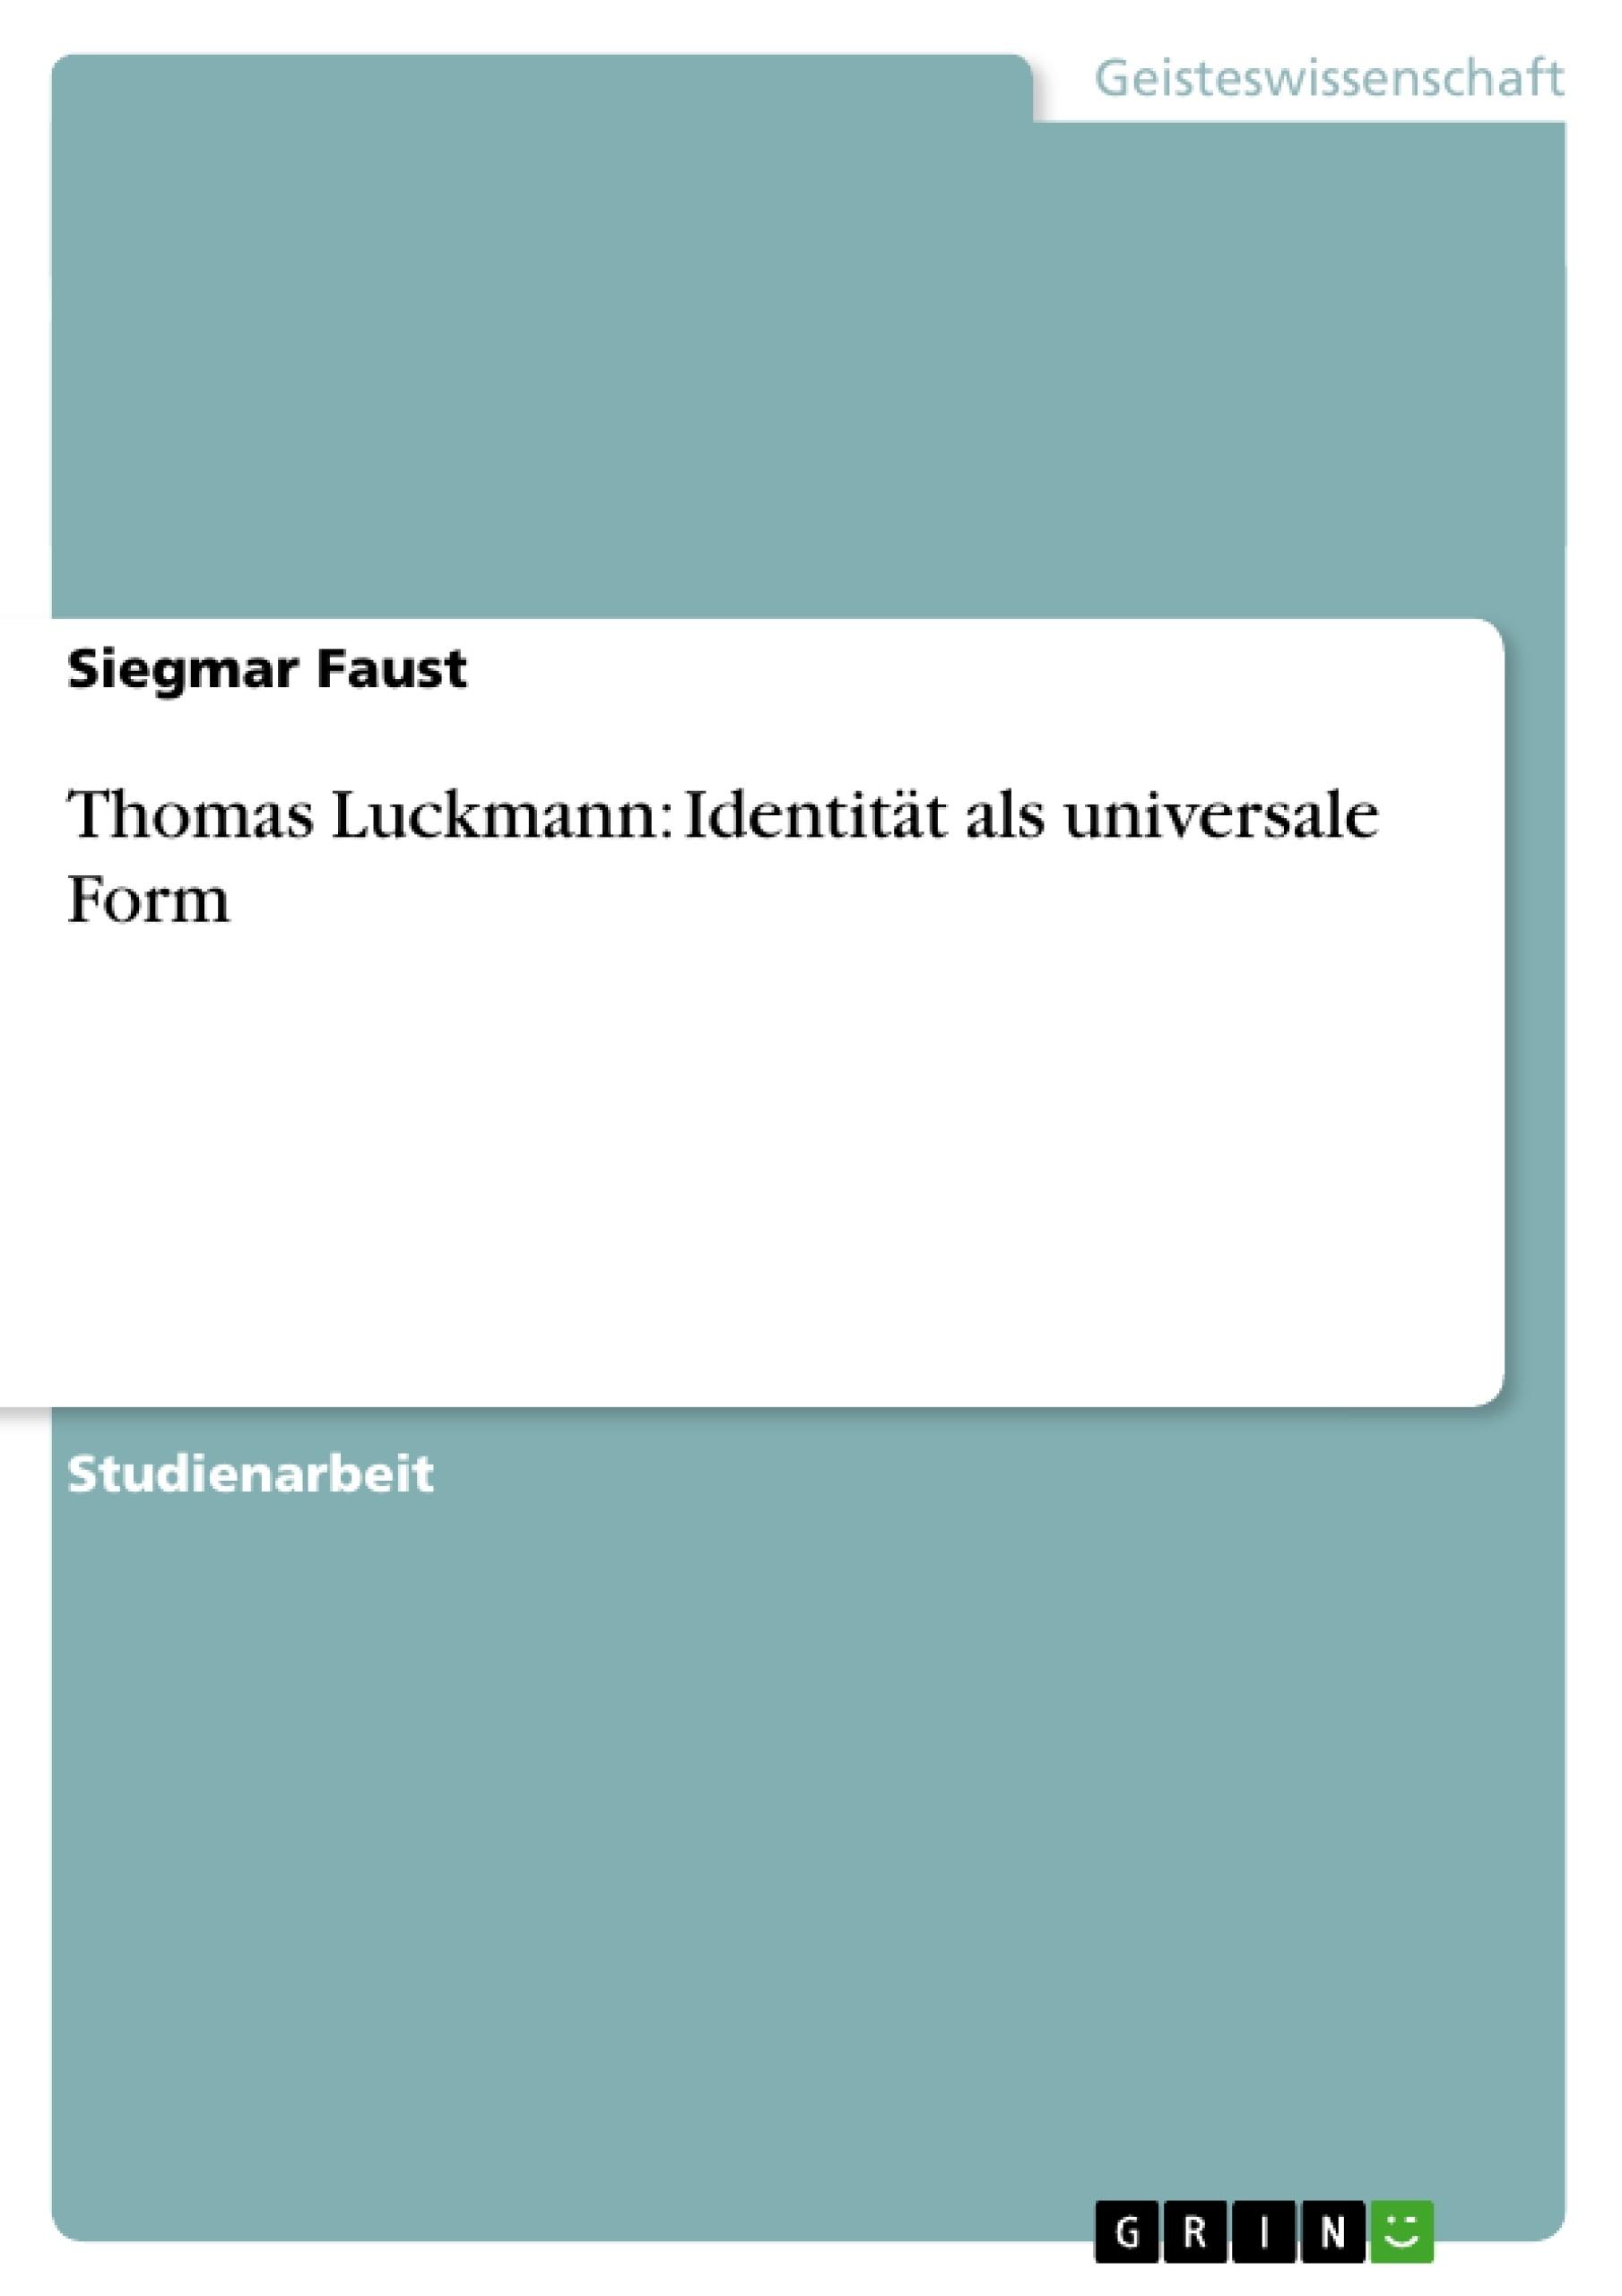 Titel: Thomas Luckmann: Identität als universale Form